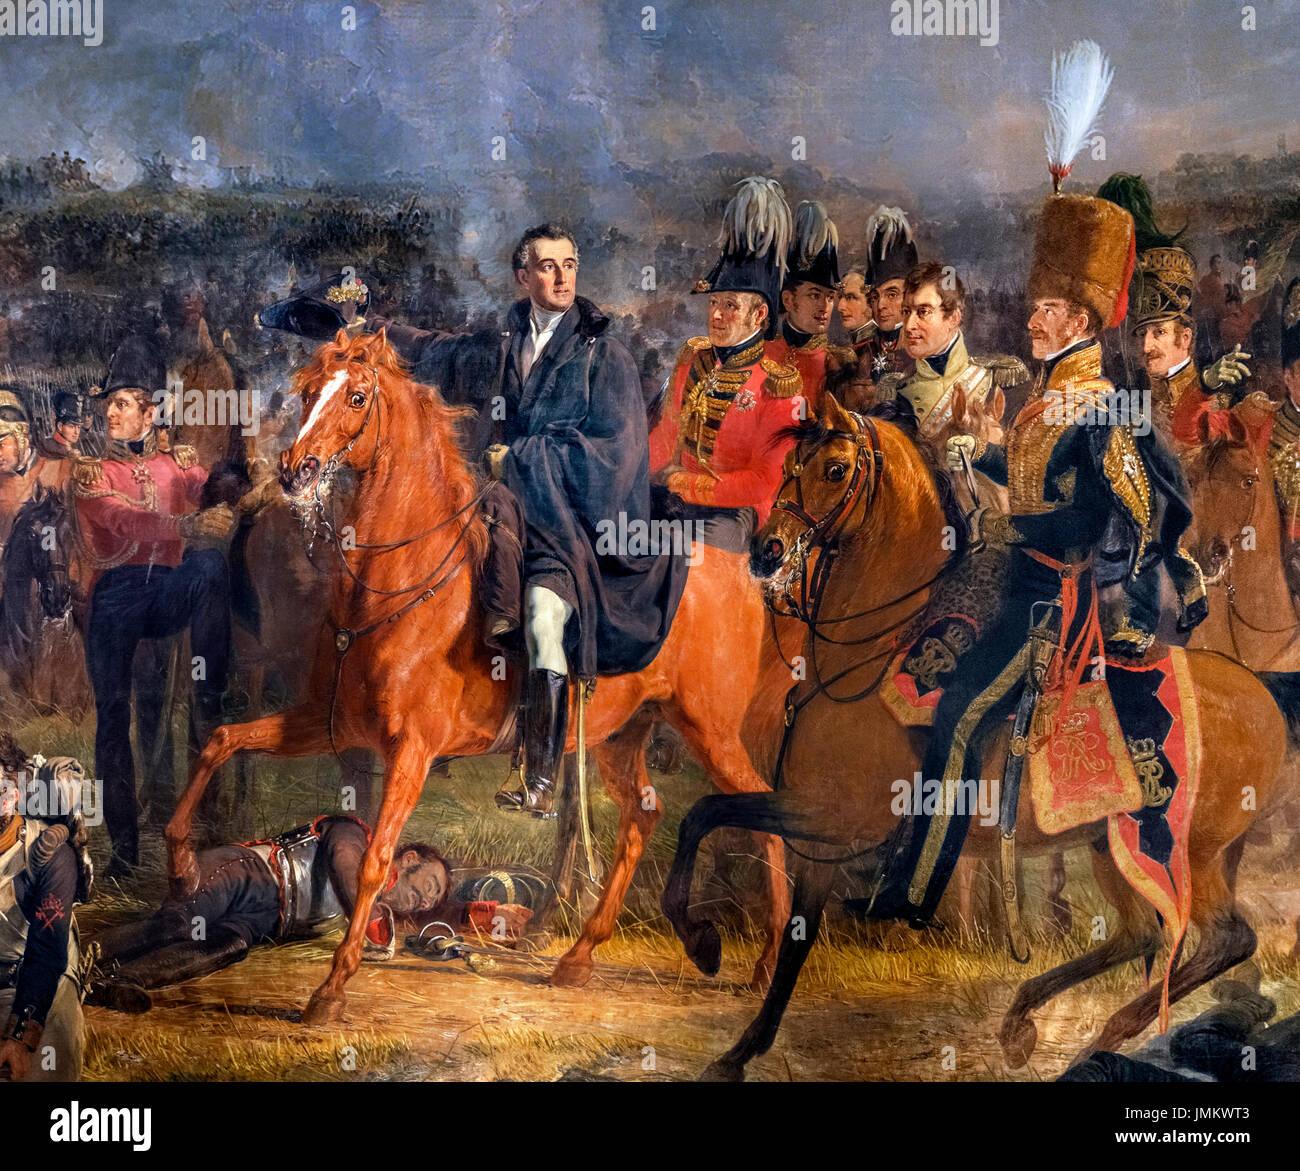 La batalla de Waterloo por Jan Willem Pieneman (1779-1853), óleo sobre lienzo, 1824. La pintura muestra al duque de Wellington, a caballo, a la izquierda de la foto, en un momento decisivo en la batalla de Waterloo, el 18 de junio de 1815. Detalle de una pintura de mayor tamaño, JMKWT8. Imagen De Stock